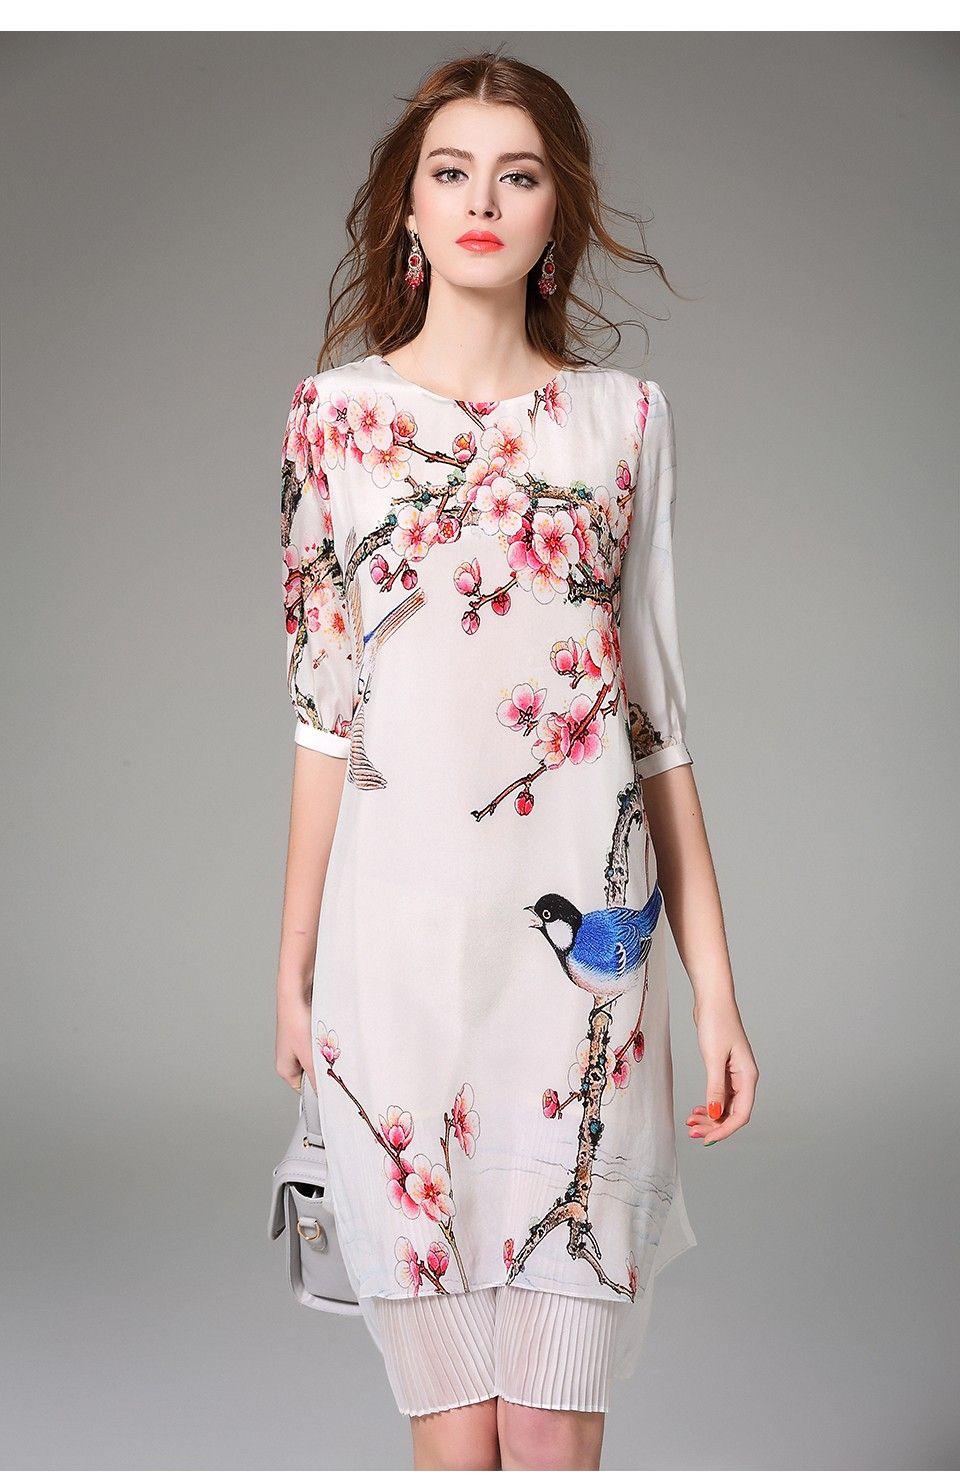 Nexiia 2016 printemps été femmes Vintage Style chinois Pure soie robe  imprimée faux deux pièces moitié manches plissée jupe